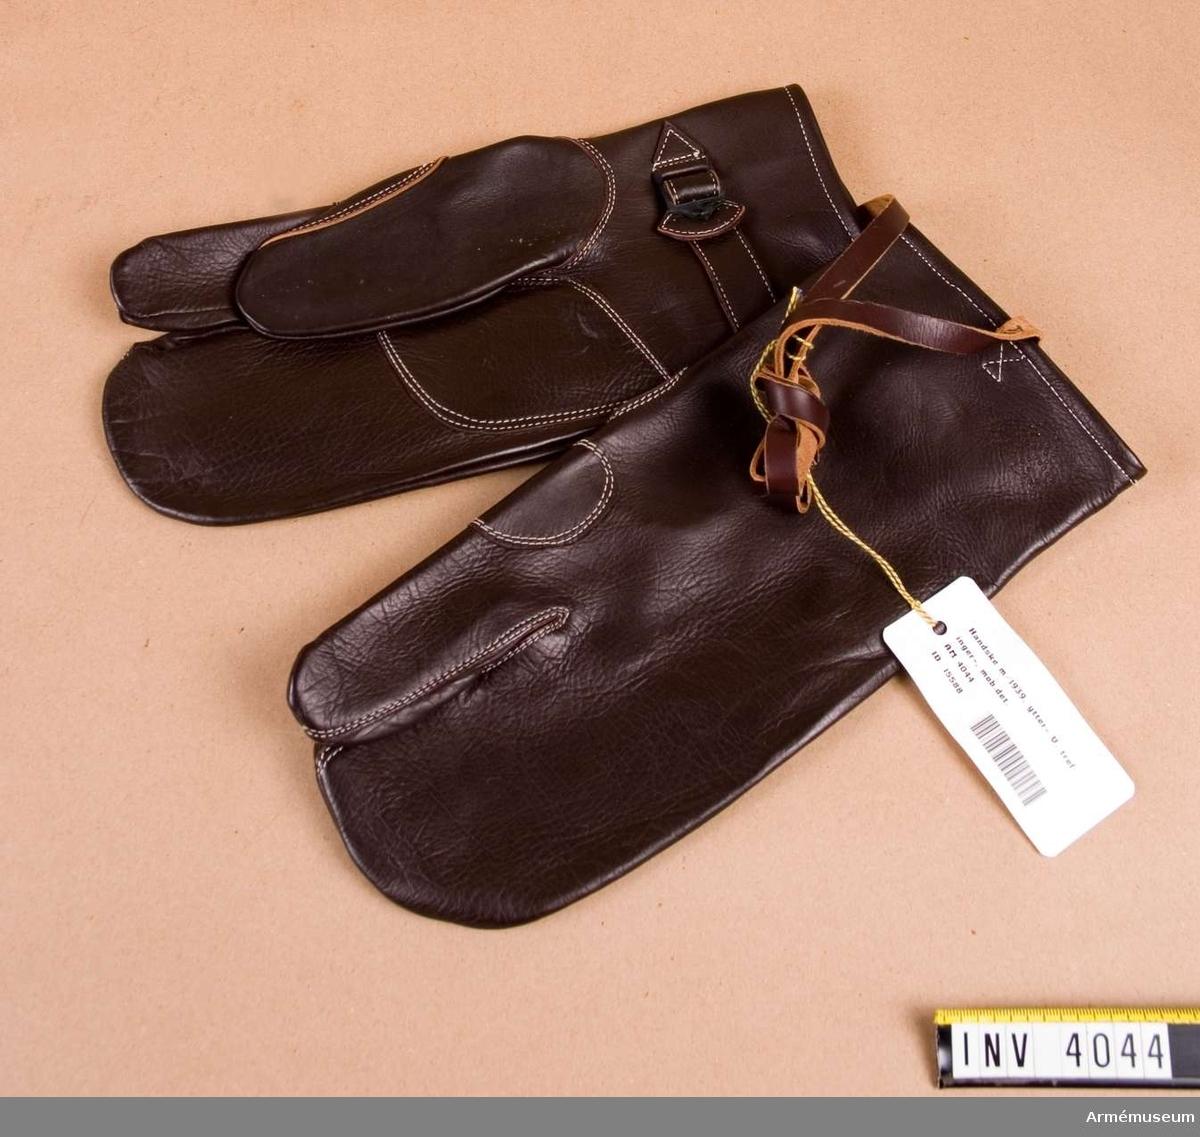 Vänster trefingers ytterhandske till uniform.Trefingers ytterhandske för skjutning m/1939. Av mörkt brunt läder med vita stickningar. Tummen och pekfingret har varsitt  handskfinger, de Övriga ett gemensamt. Skinnet har den blanka  sidan utåt, dubbelt laskade sömmar med en skinnförstärkning i  handflatan. Vid handleden finns en spännrem samt en längre rem för fastsättning runt handleden eller underärmen. Ett inpressat  kronmärke finns vid övre framkanten. Har tillhört rustmästare Olle Skoogs mobutrustning vid AM.